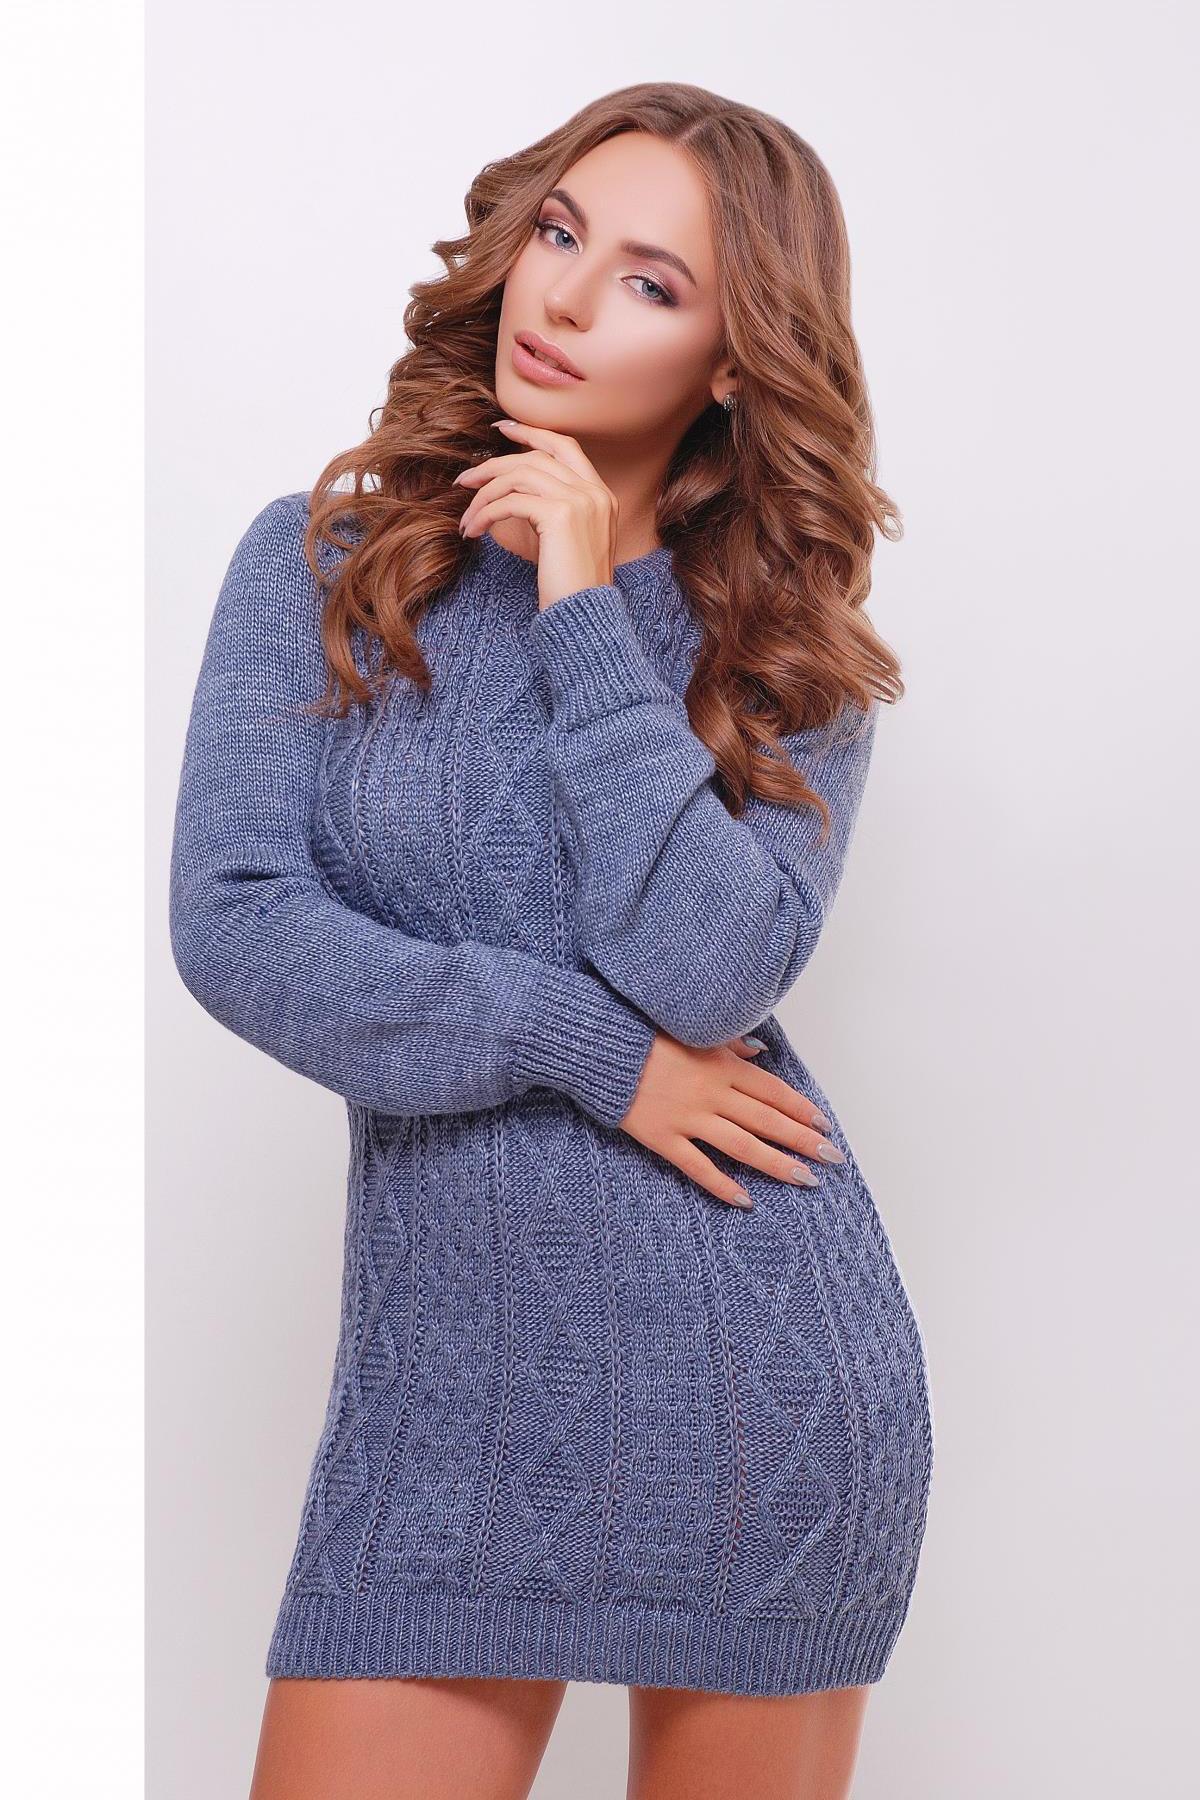 e295f13d995 короткое вязаное платье. Платье-туника 143. Цвет  светлый-джинс